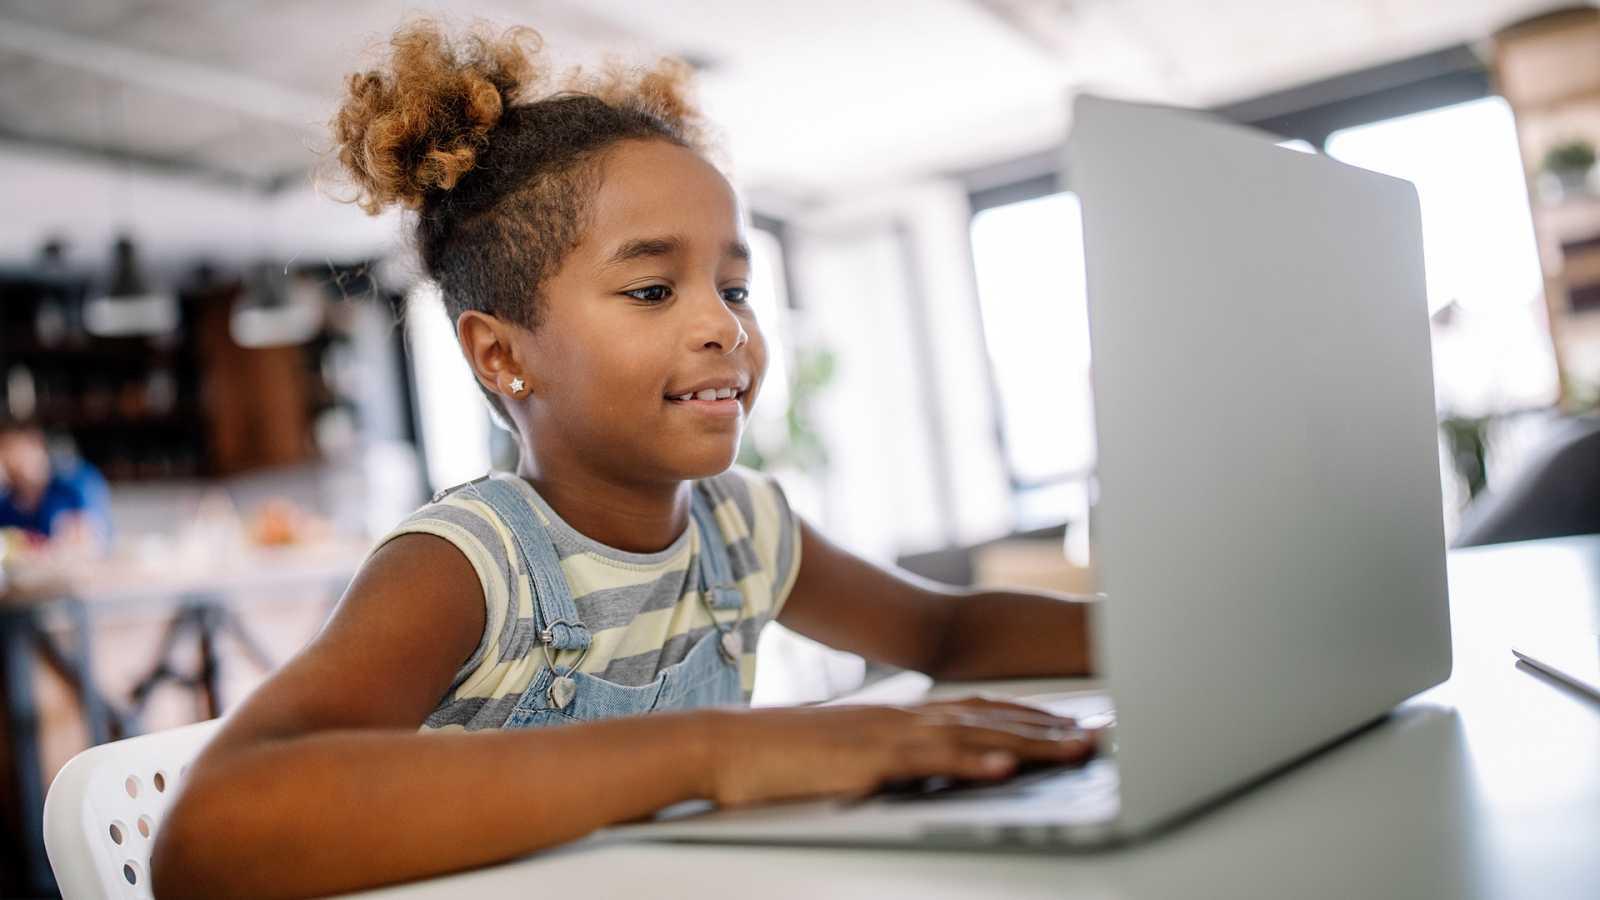 Espacio iberoamericano - La tecnología se enseña desde la infancia - 08/10/20 - escuchar ahora